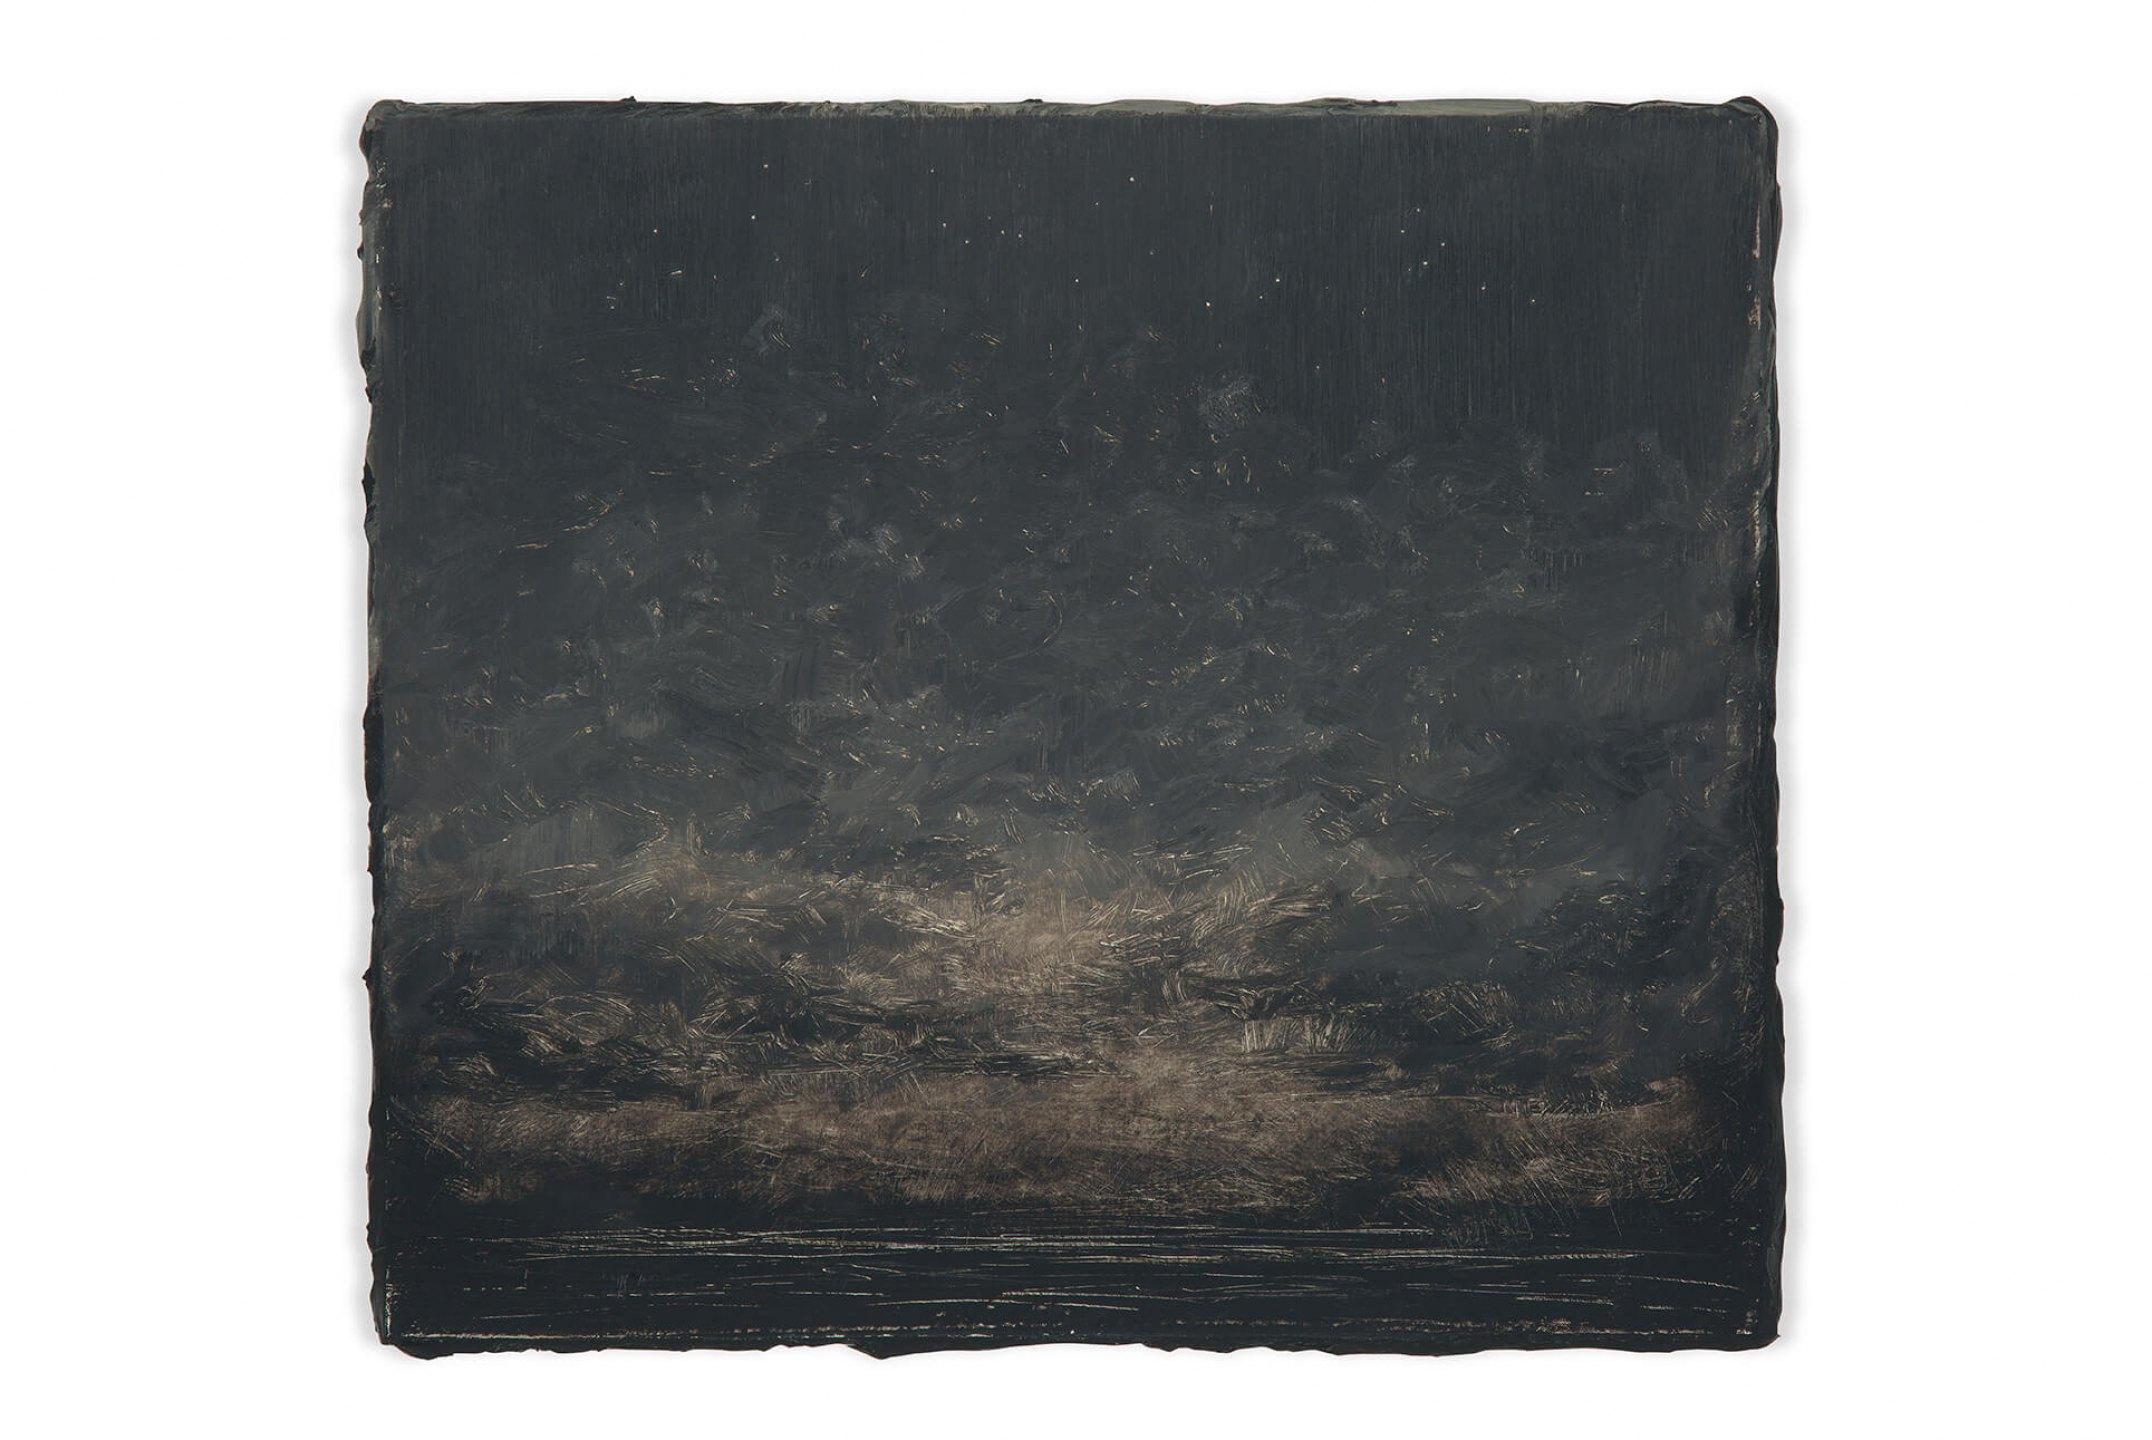 Lucas Arruda,&nbsp;<em>untitled</em>, 2015, oil on canvas, 30 × 34 cm - Mendes Wood DM